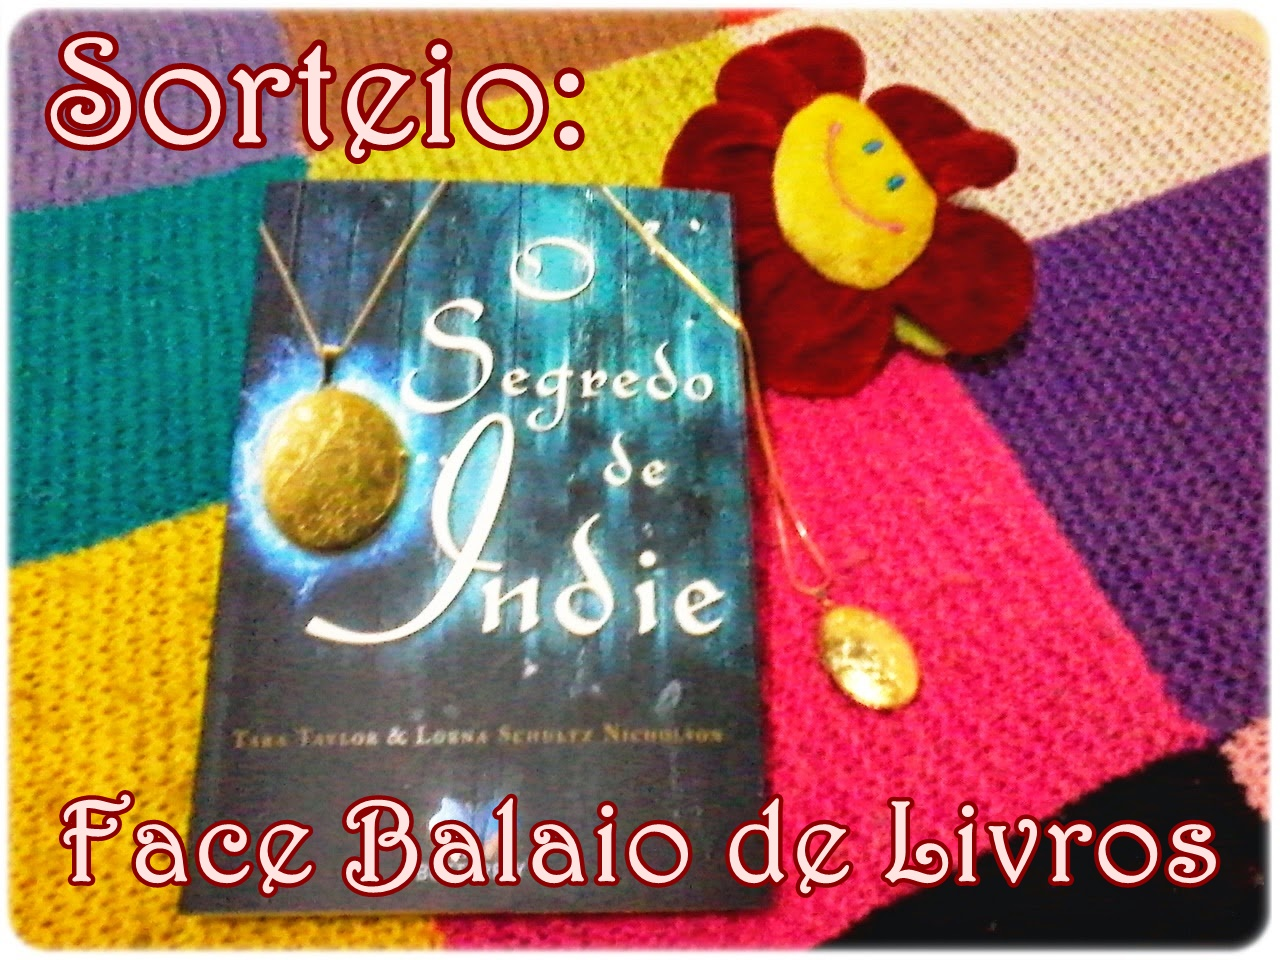 Sorteio - Fanpage: